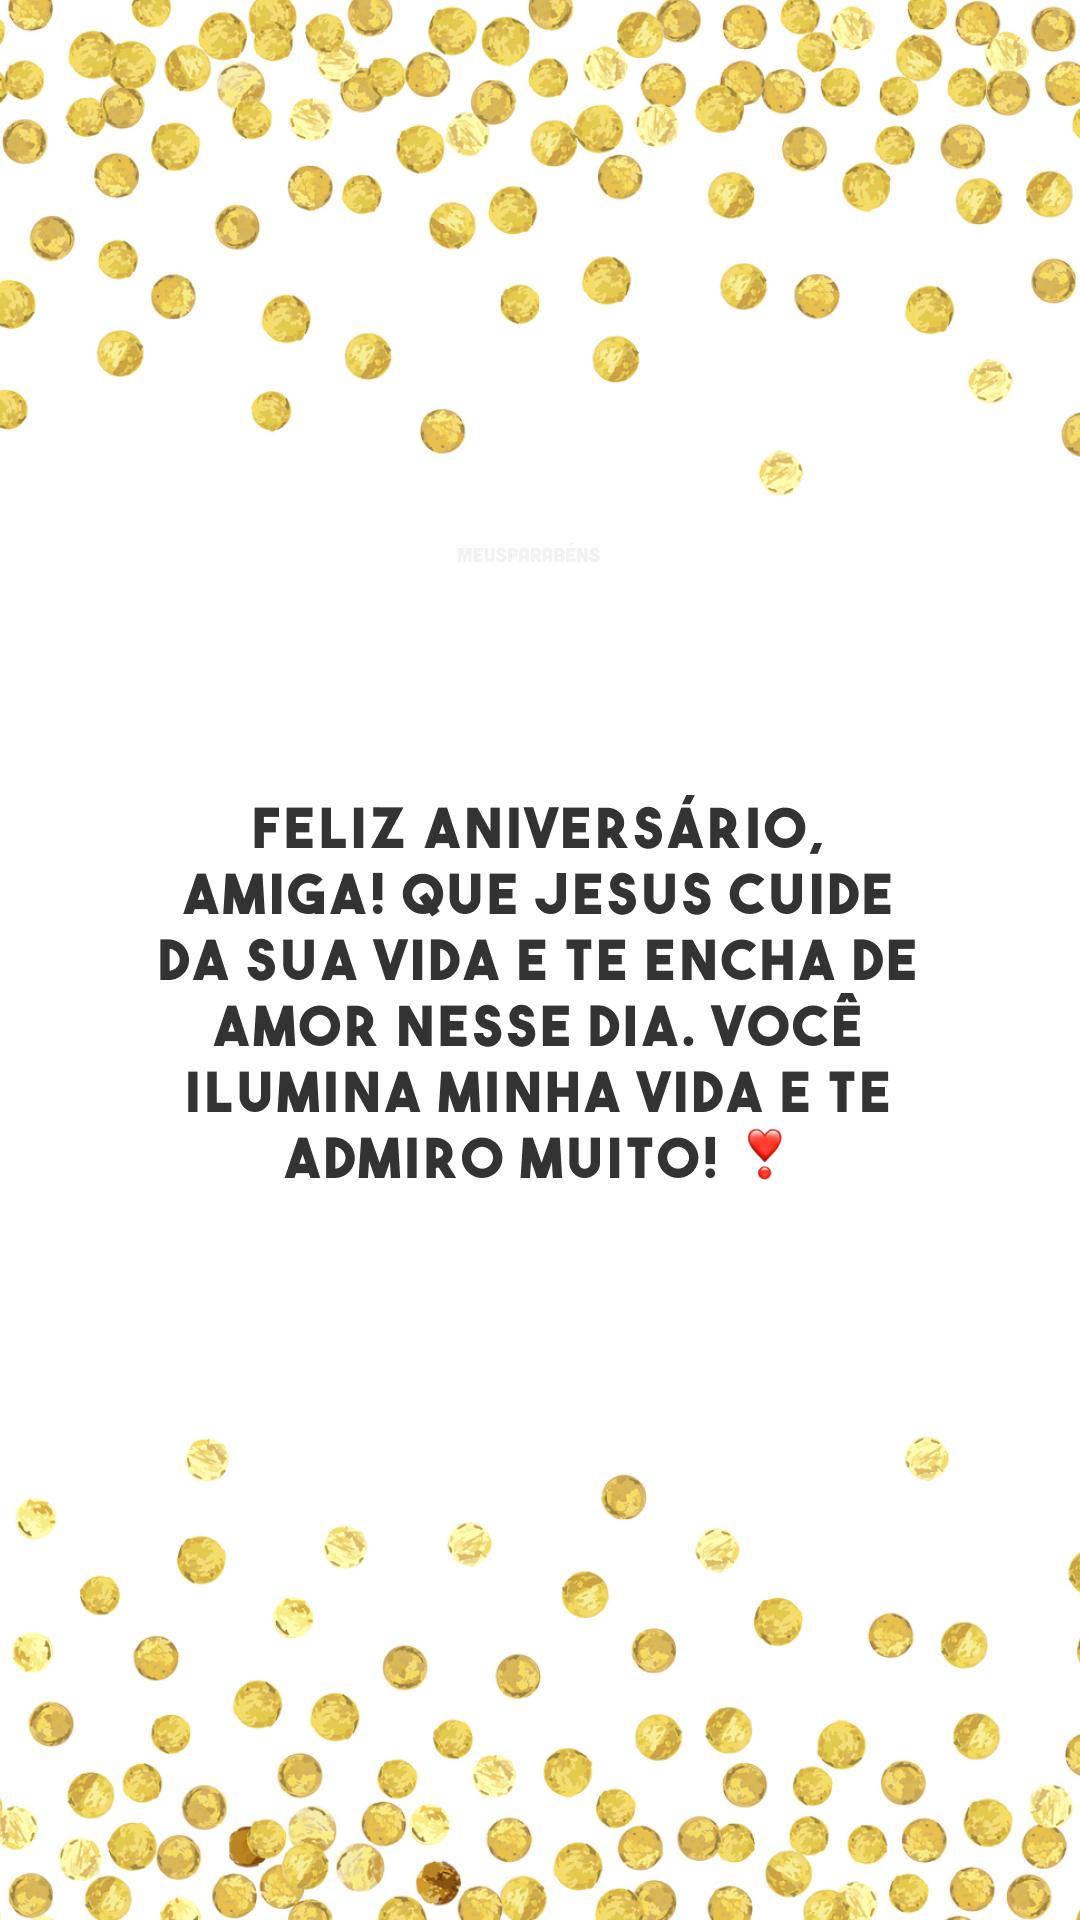 Feliz aniversário, amiga! Que Jesus cuide da sua vida e te encha de amor nesse dia. Você ilumina minha vida e te admiro muito! ❣️